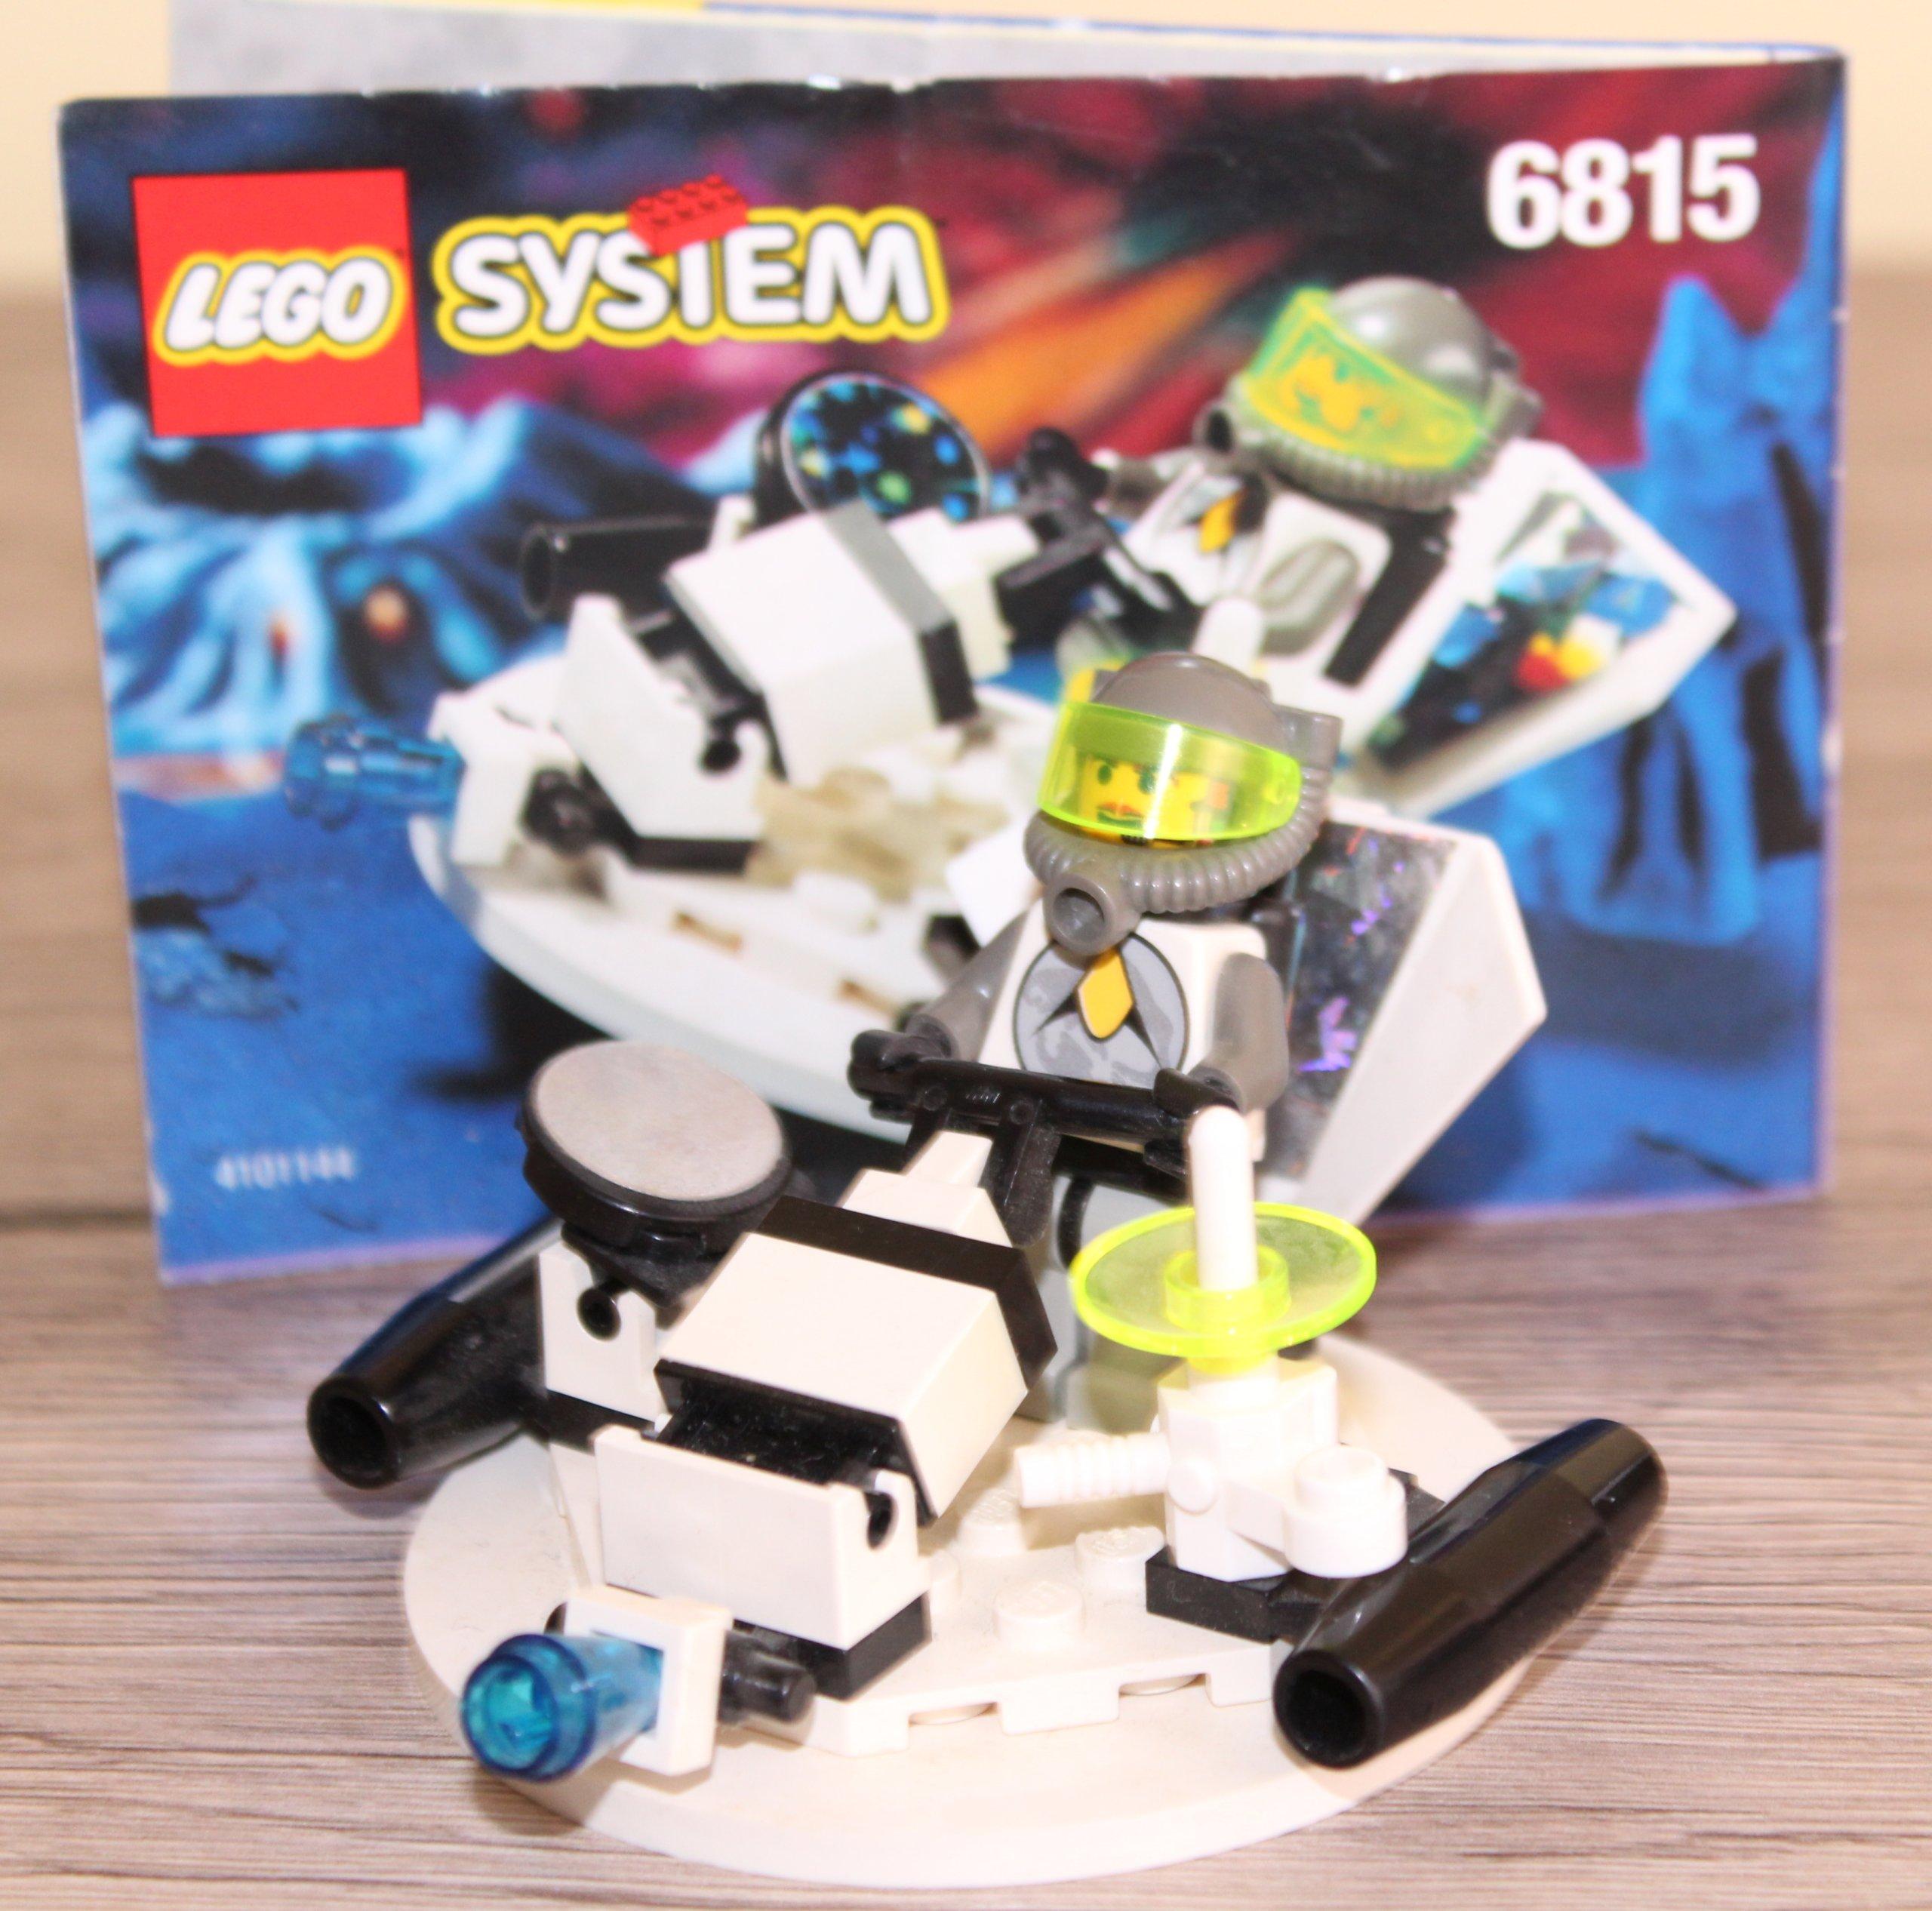 Lego Zestaw Space Kosmos 6815 Instrukcja 7395006383 Oficjalne